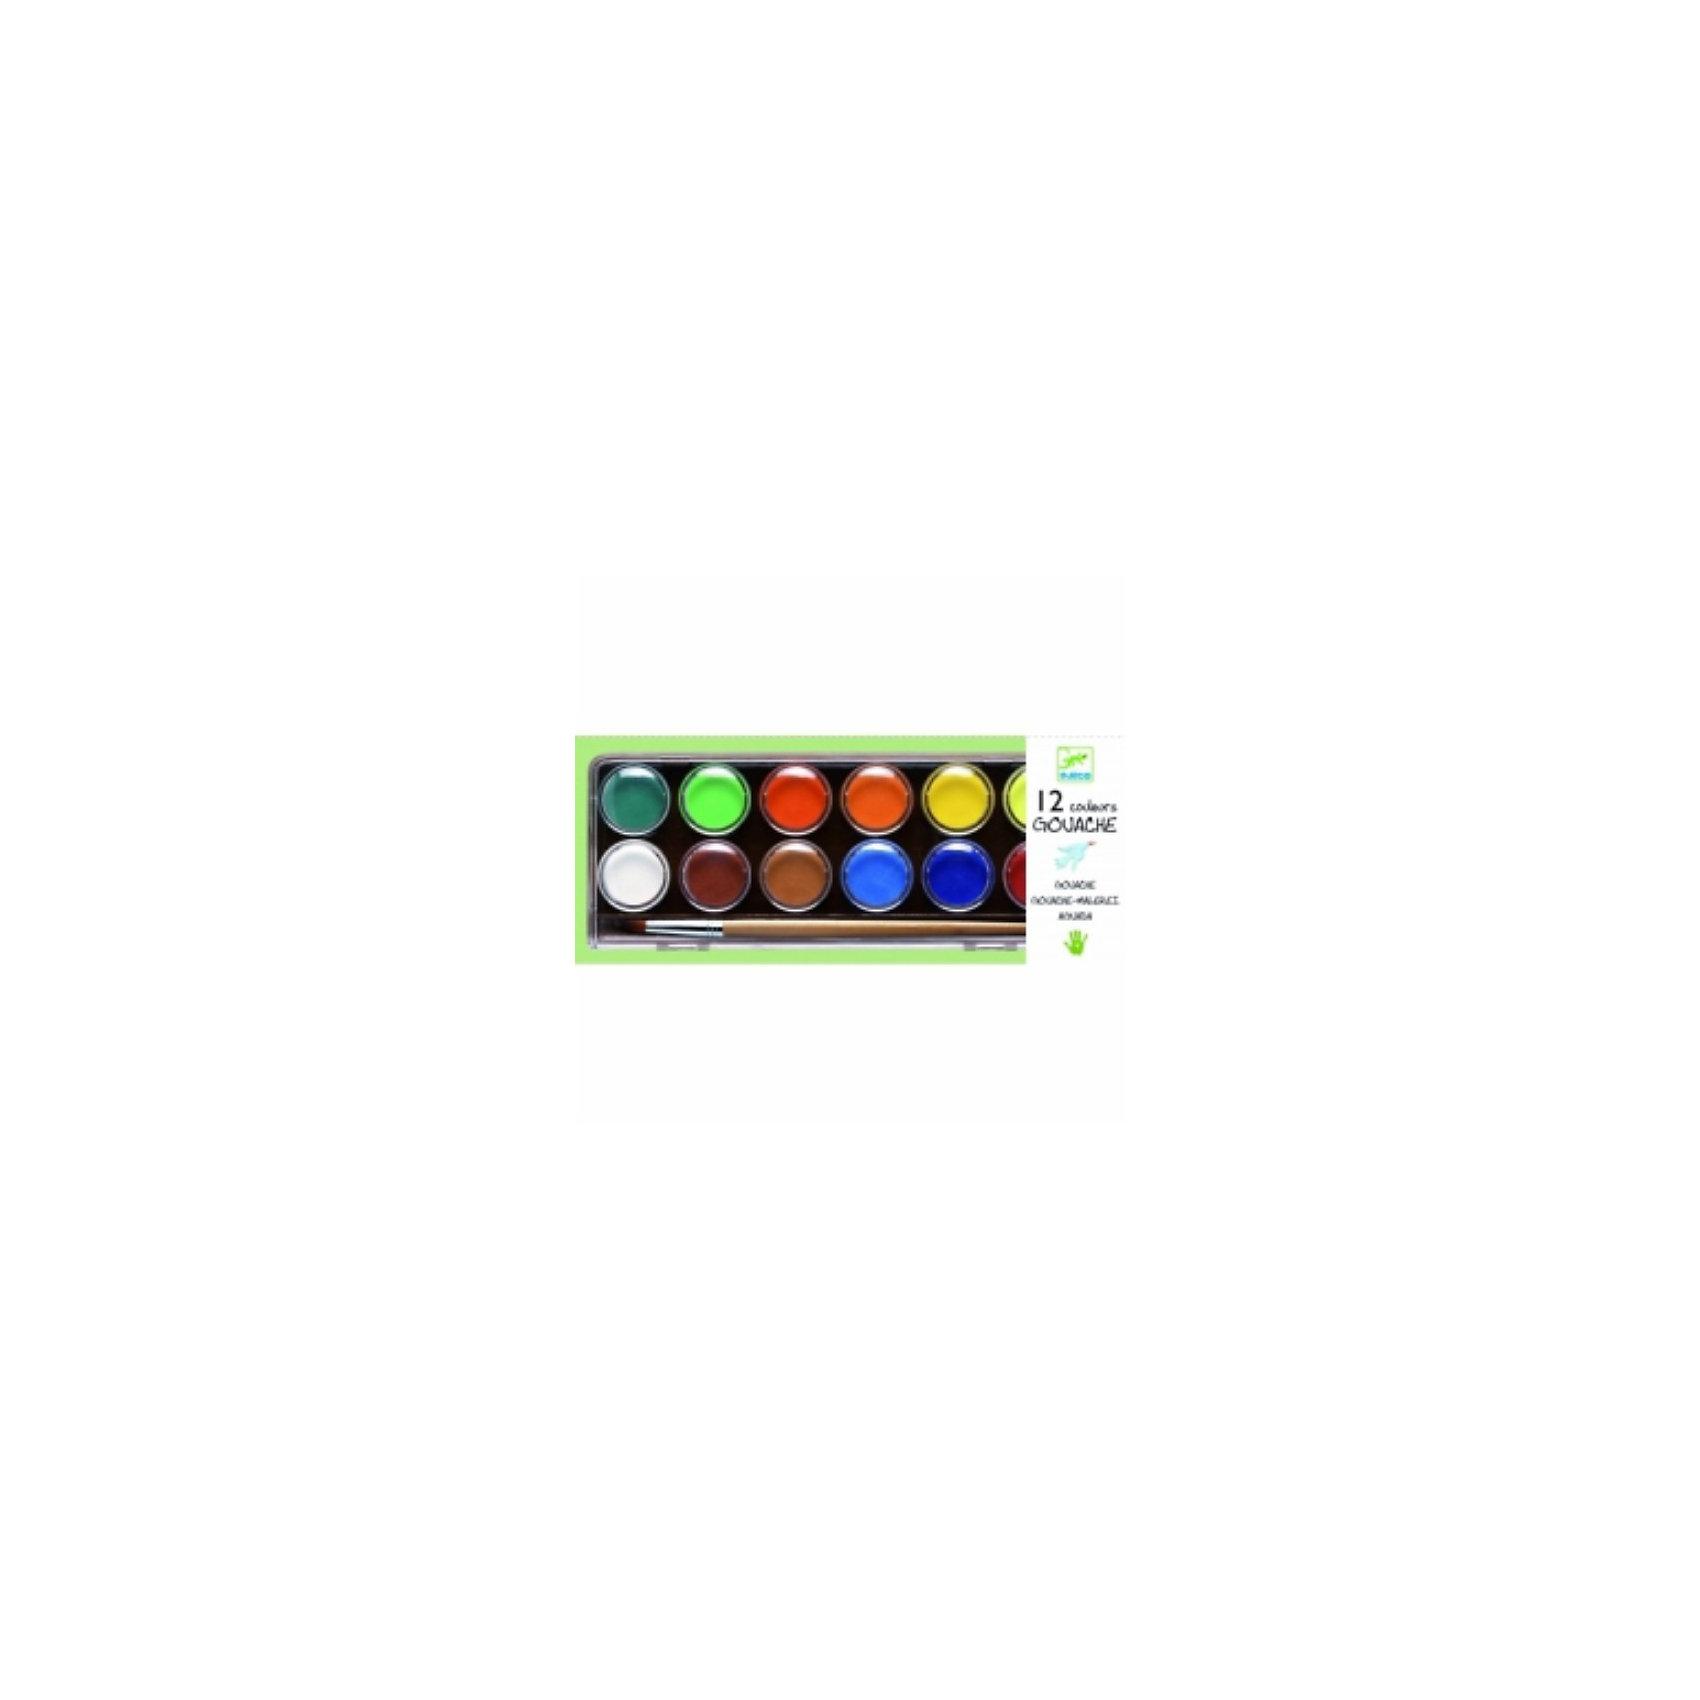 Акварель матовая (классическая гуашь), DJECOМатовая акварельная краска.<br>В наборе 12 цветов.<br><br>Ширина мм: 95<br>Глубина мм: 225<br>Высота мм: 15<br>Вес г: 150<br>Возраст от месяцев: 24<br>Возраст до месяцев: 2147483647<br>Пол: Унисекс<br>Возраст: Детский<br>SKU: 2175154